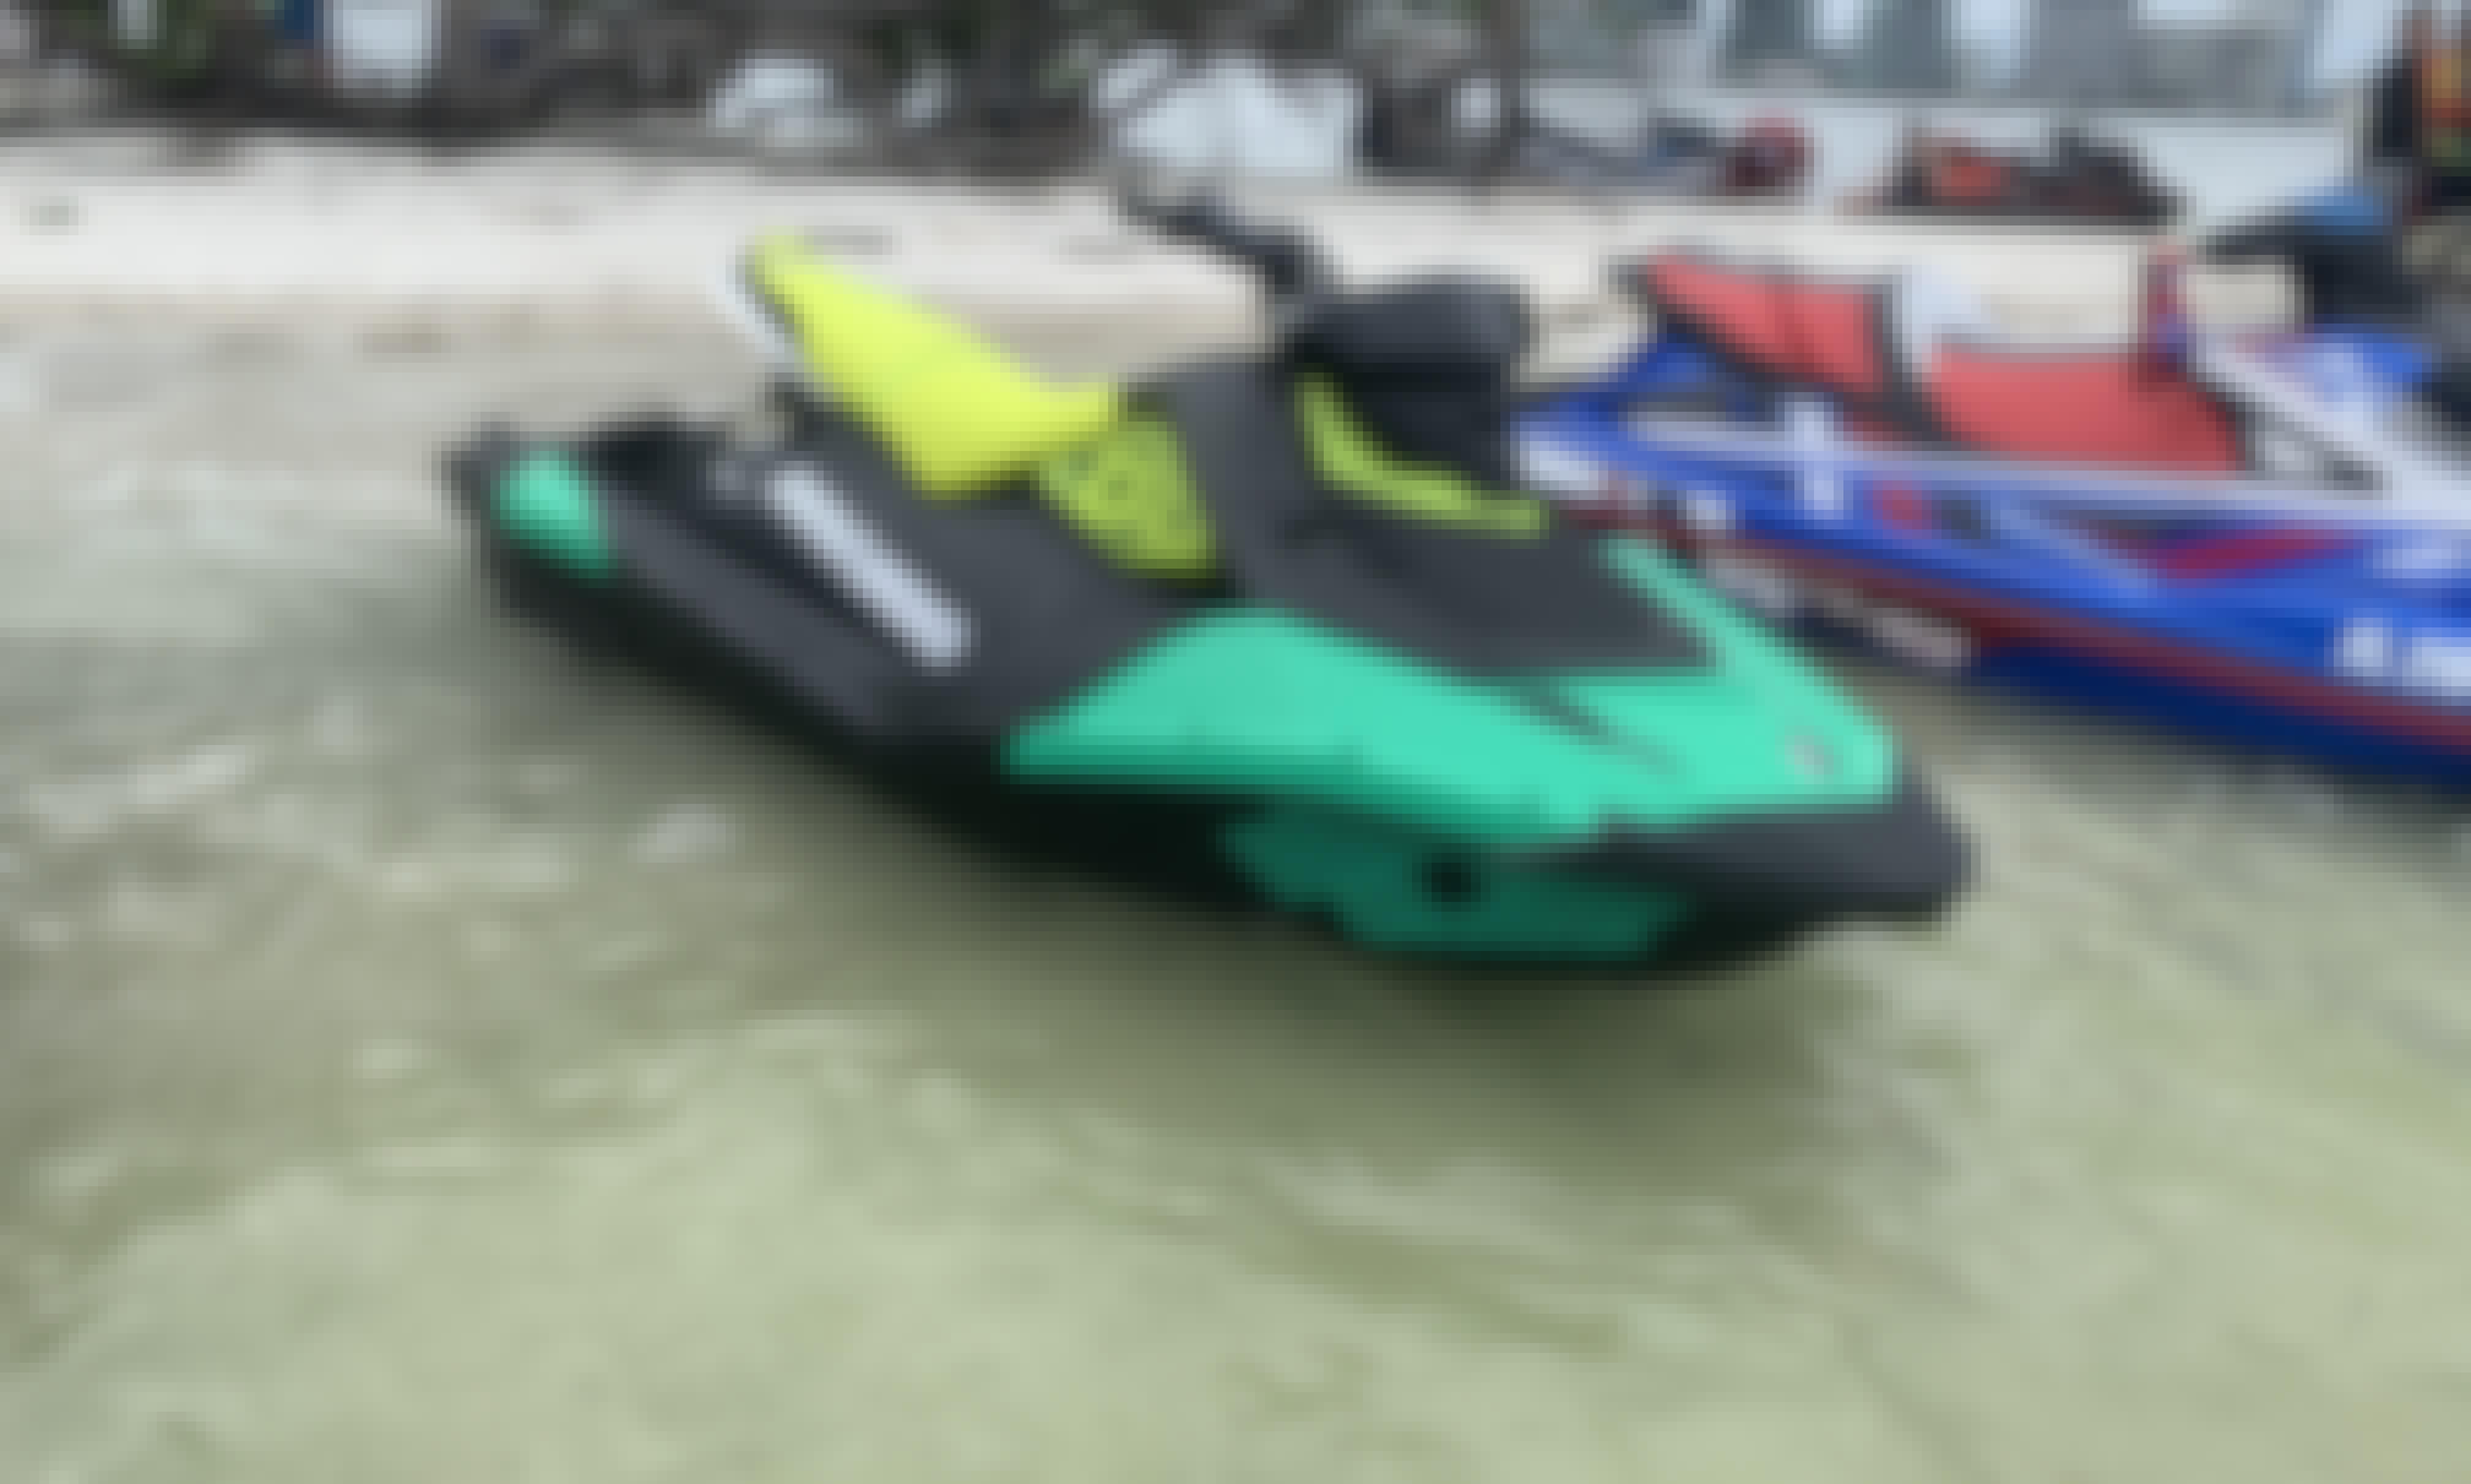 Brand New 2021 SeaDoo Spark Trixx in Miami Florida